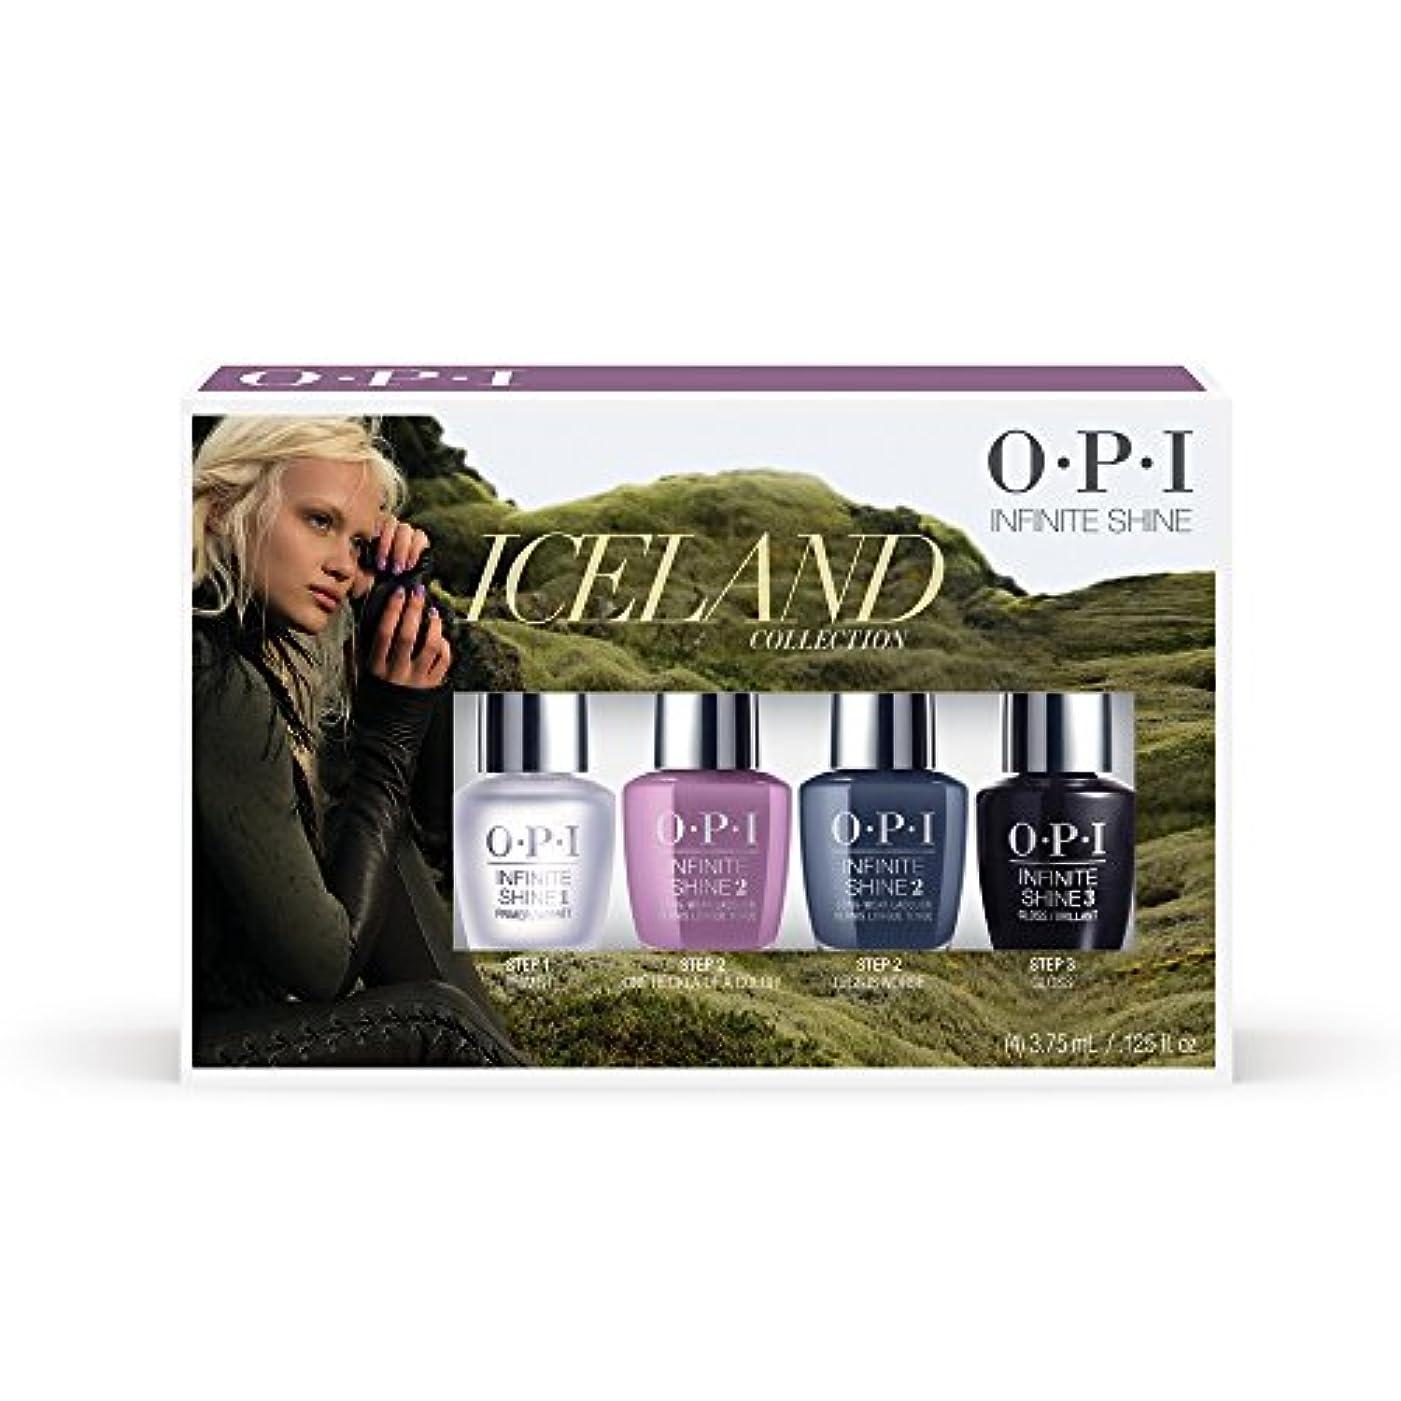 OPI(オーピーアイ) アイスランド コレクション インフィニット シャイン ミニパック